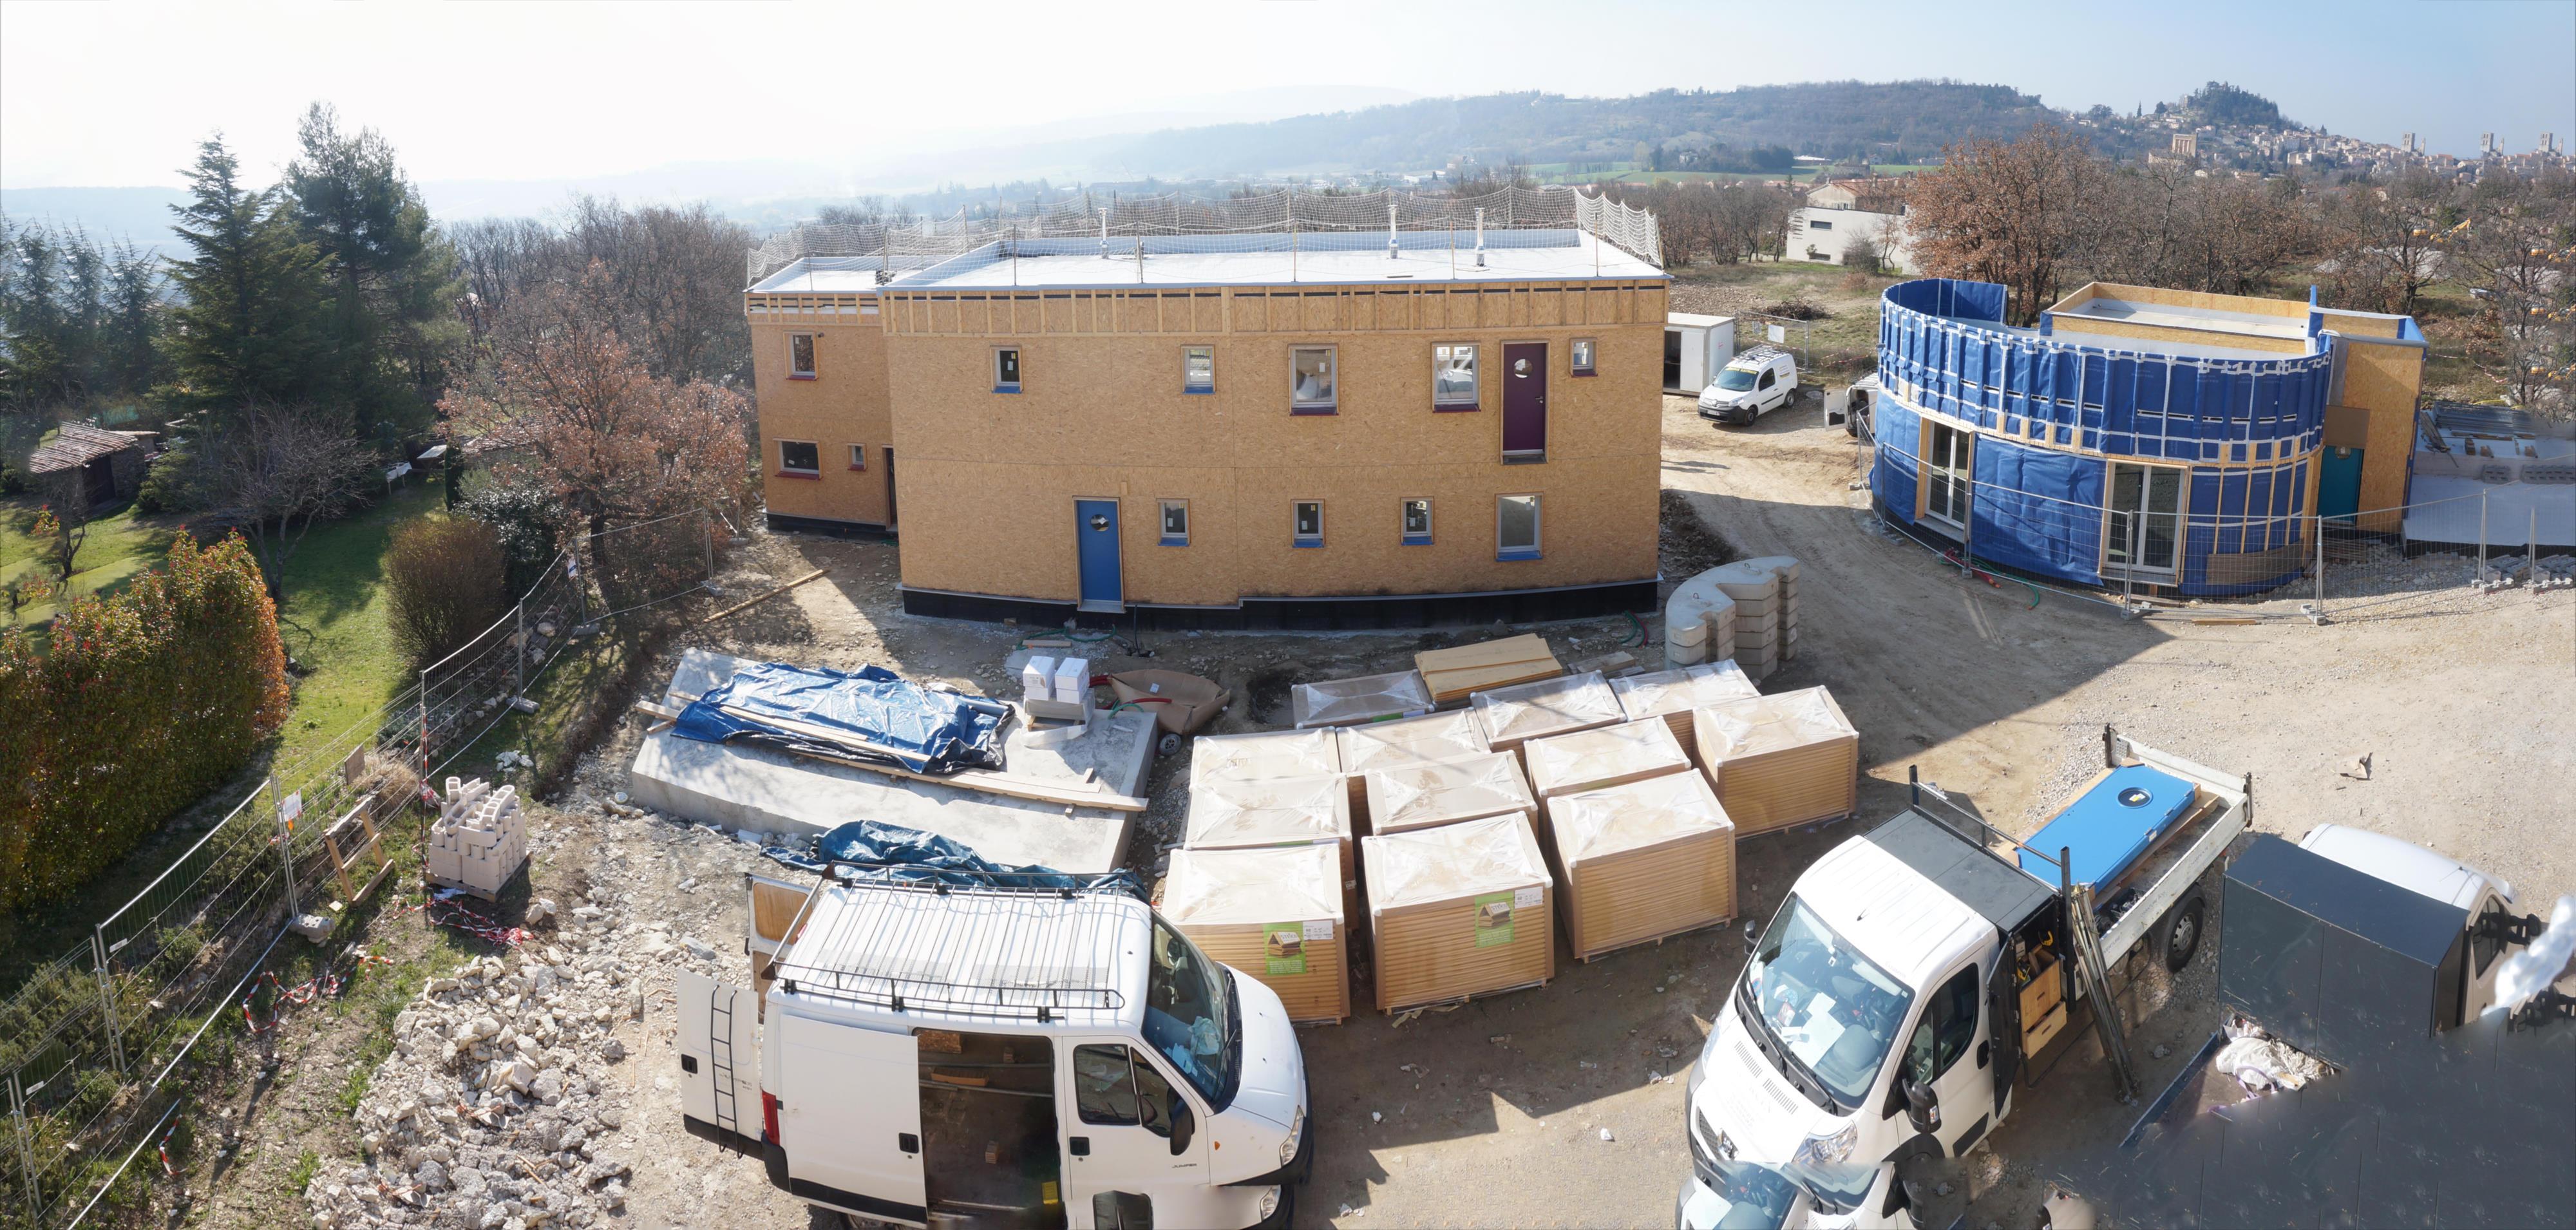 Des projets participatifs et collectifs s'installent à Forcalquier